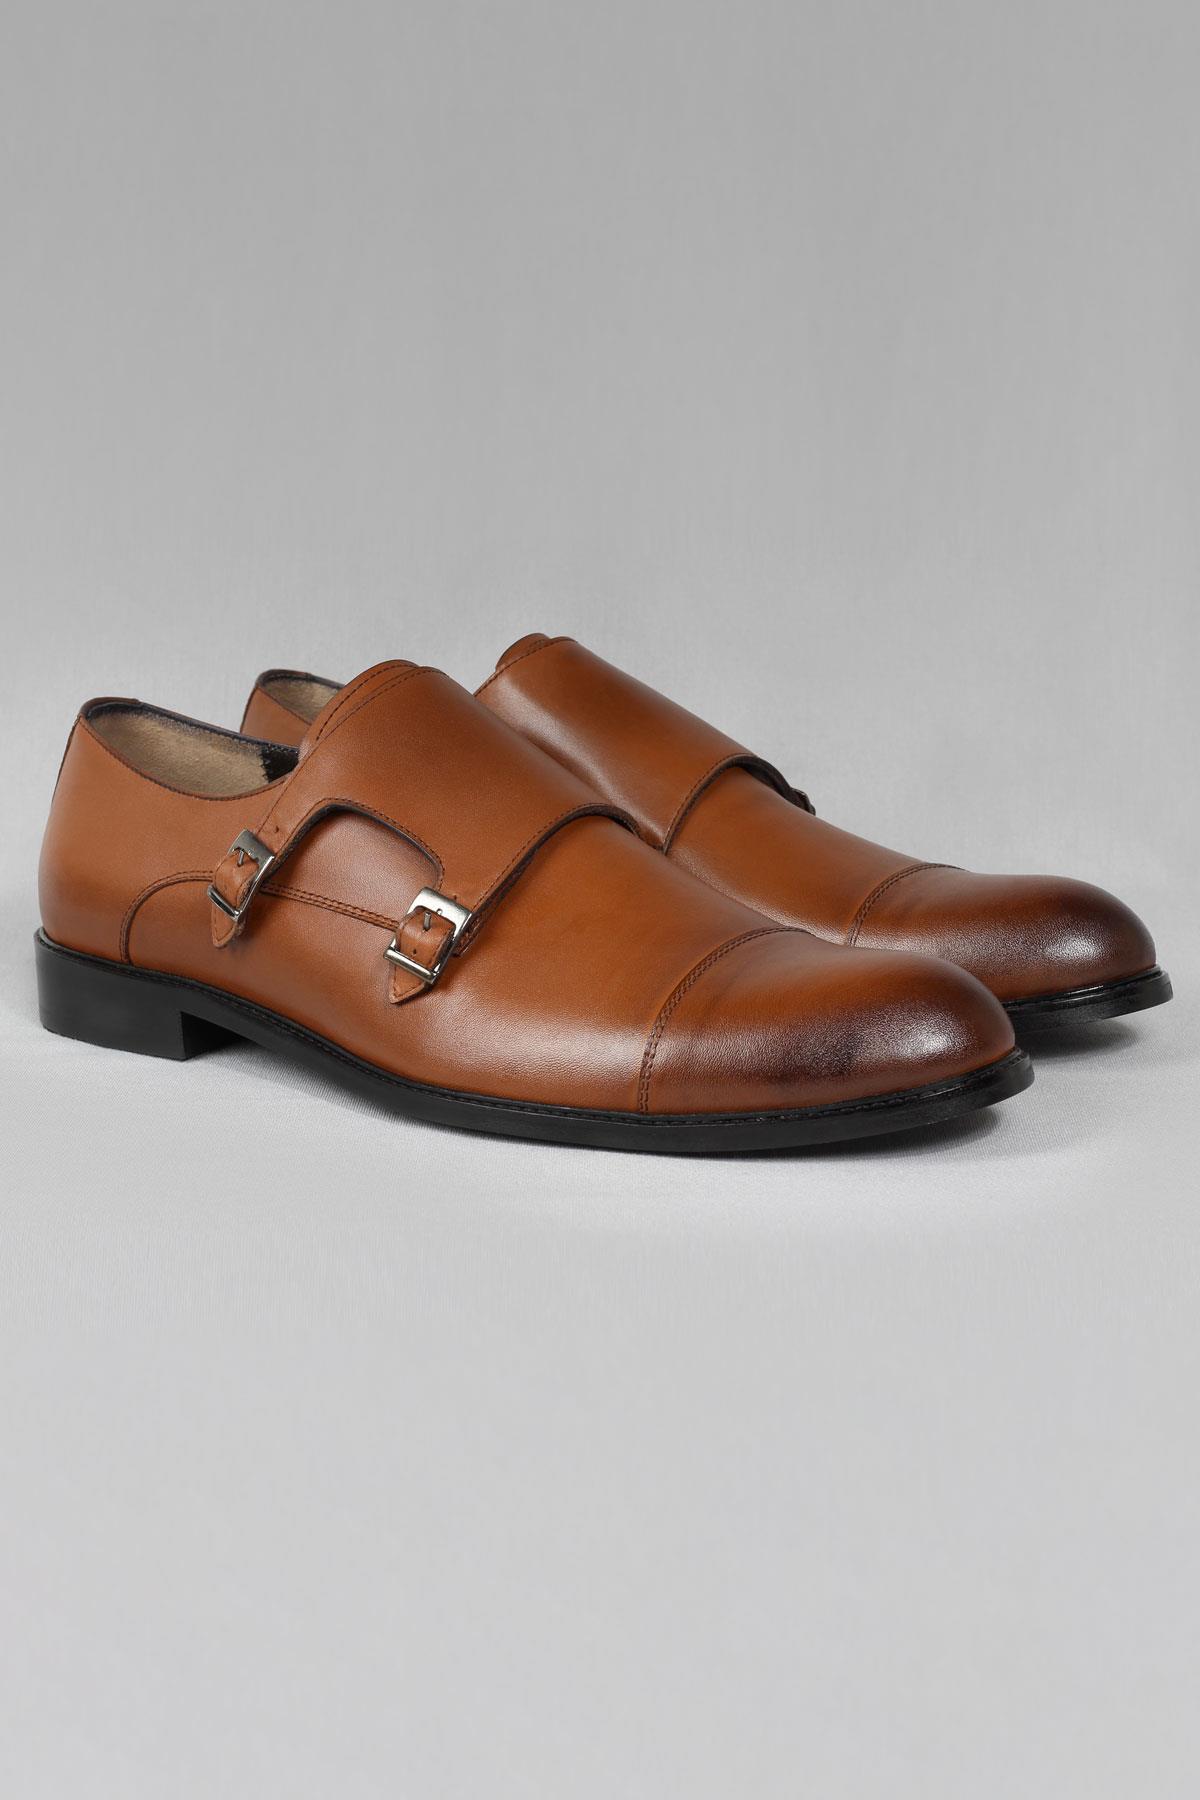 Buyuksun Hakiki Deri Çift Tokalı Klasik Ayakkabı Neolit Büyük Numara 36.123.19